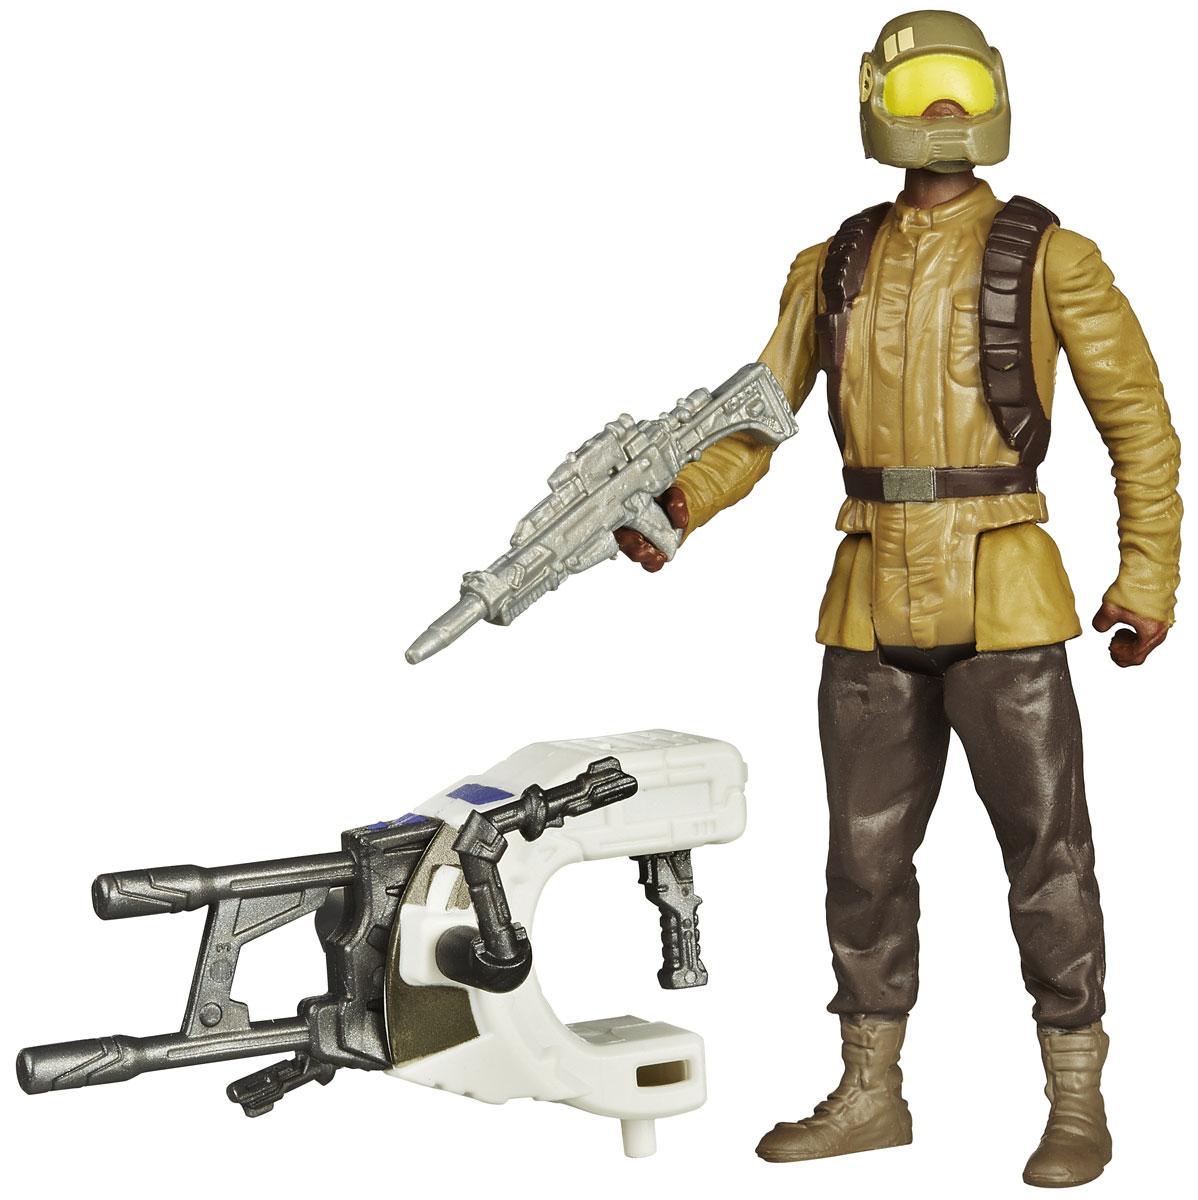 Star Wars Фигурка Resistance TrooperB3445EU4_B3451Фигурка Resistance Trooper создана в виде героя всеми любимой фантастической саги Звездные Войны. Фигурка из пластика проработана до мельчайших деталей и является точной копией своего прототипа в уменьшенном размере. Конечности фигурки подвижны: поворачивается голова, сгибаются ноги и руки. Все это сделает игру реалистичной и разнообразной. Герой Resistance Trooper - хорошо обученный и оснащенный боец сопротивления. Такая фигурка непременно понравится поклоннику Звездных войн и станет замечательным украшением любой коллекции. В наборе: фигурка и снаряжение.